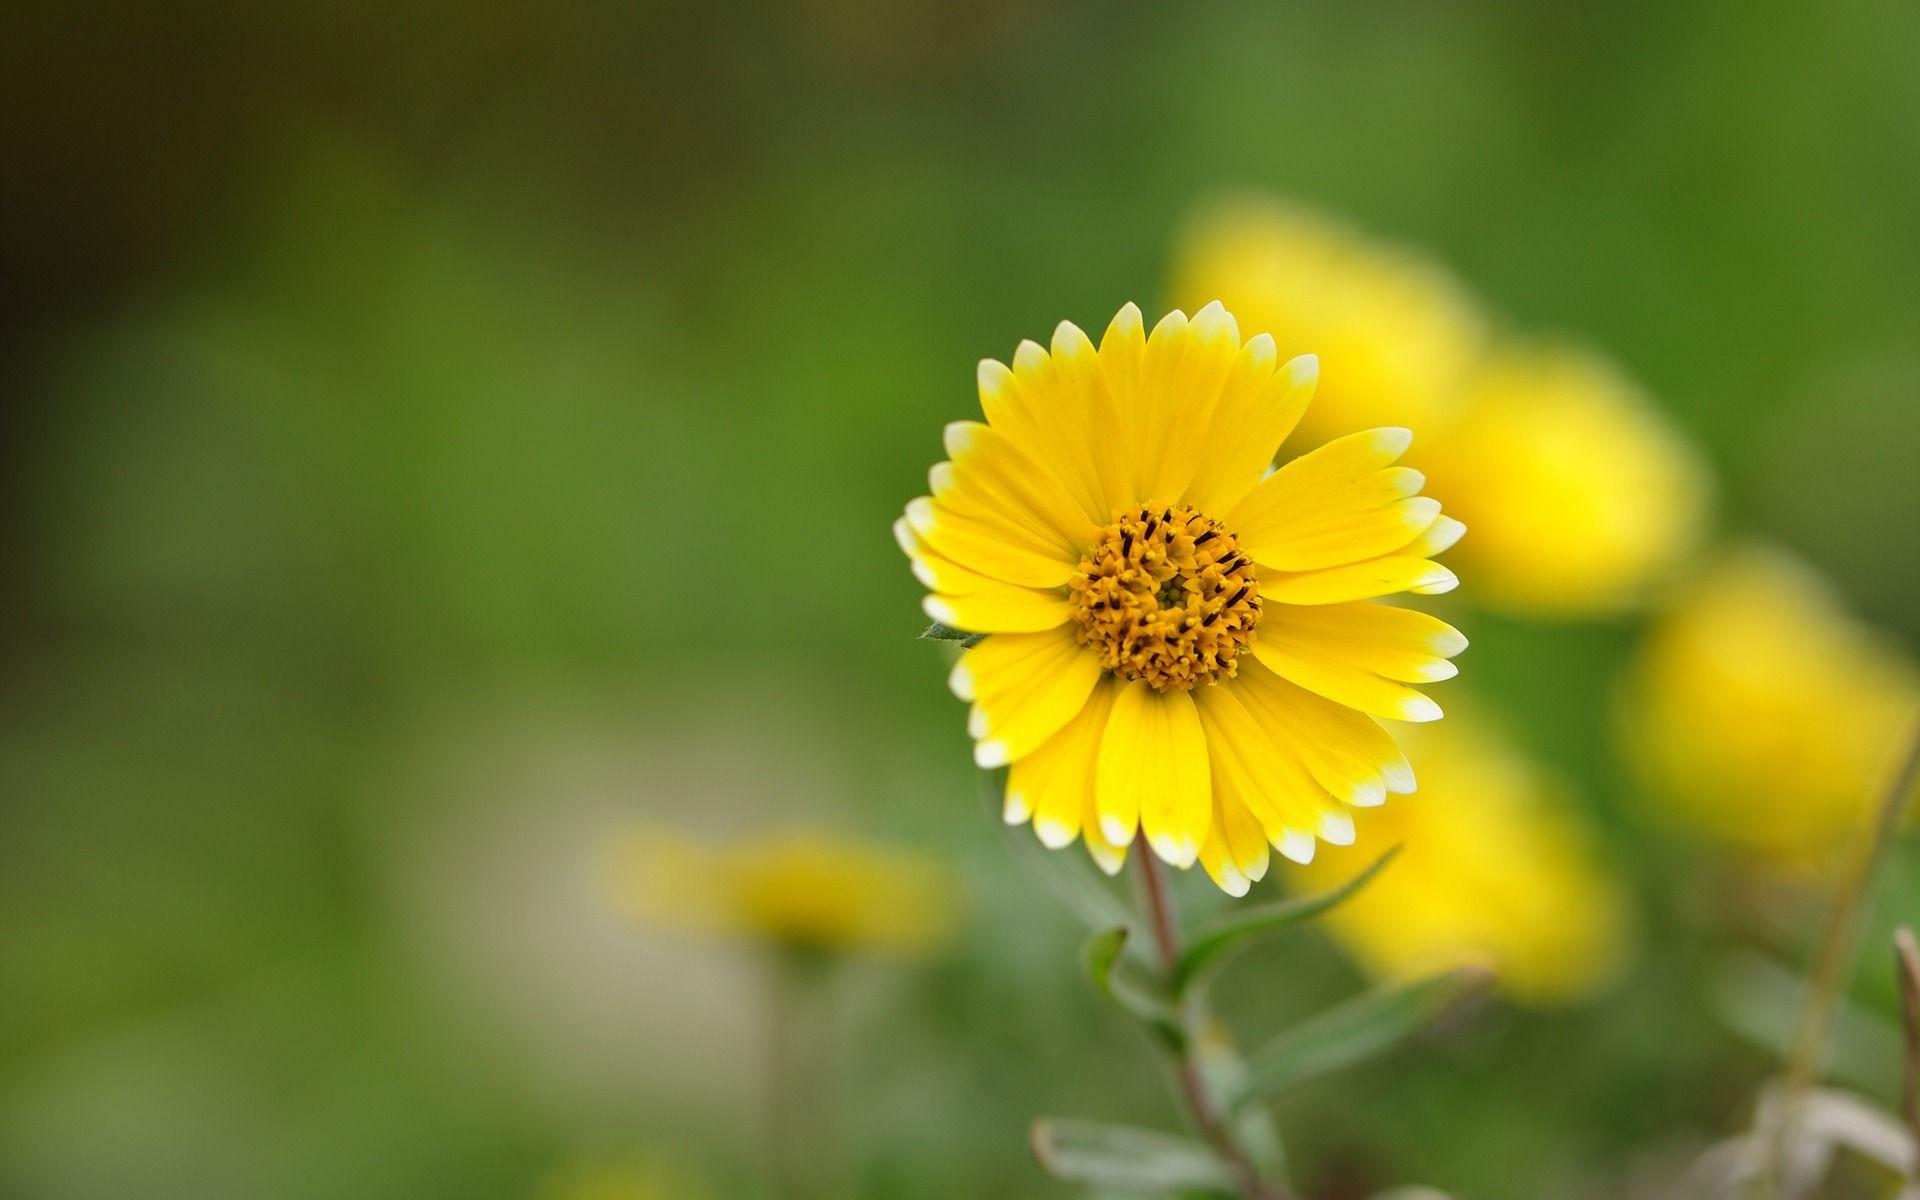 30 Flowers Desktop Wallpapers – 921573 Yellow Flower Up Close Wallpaper